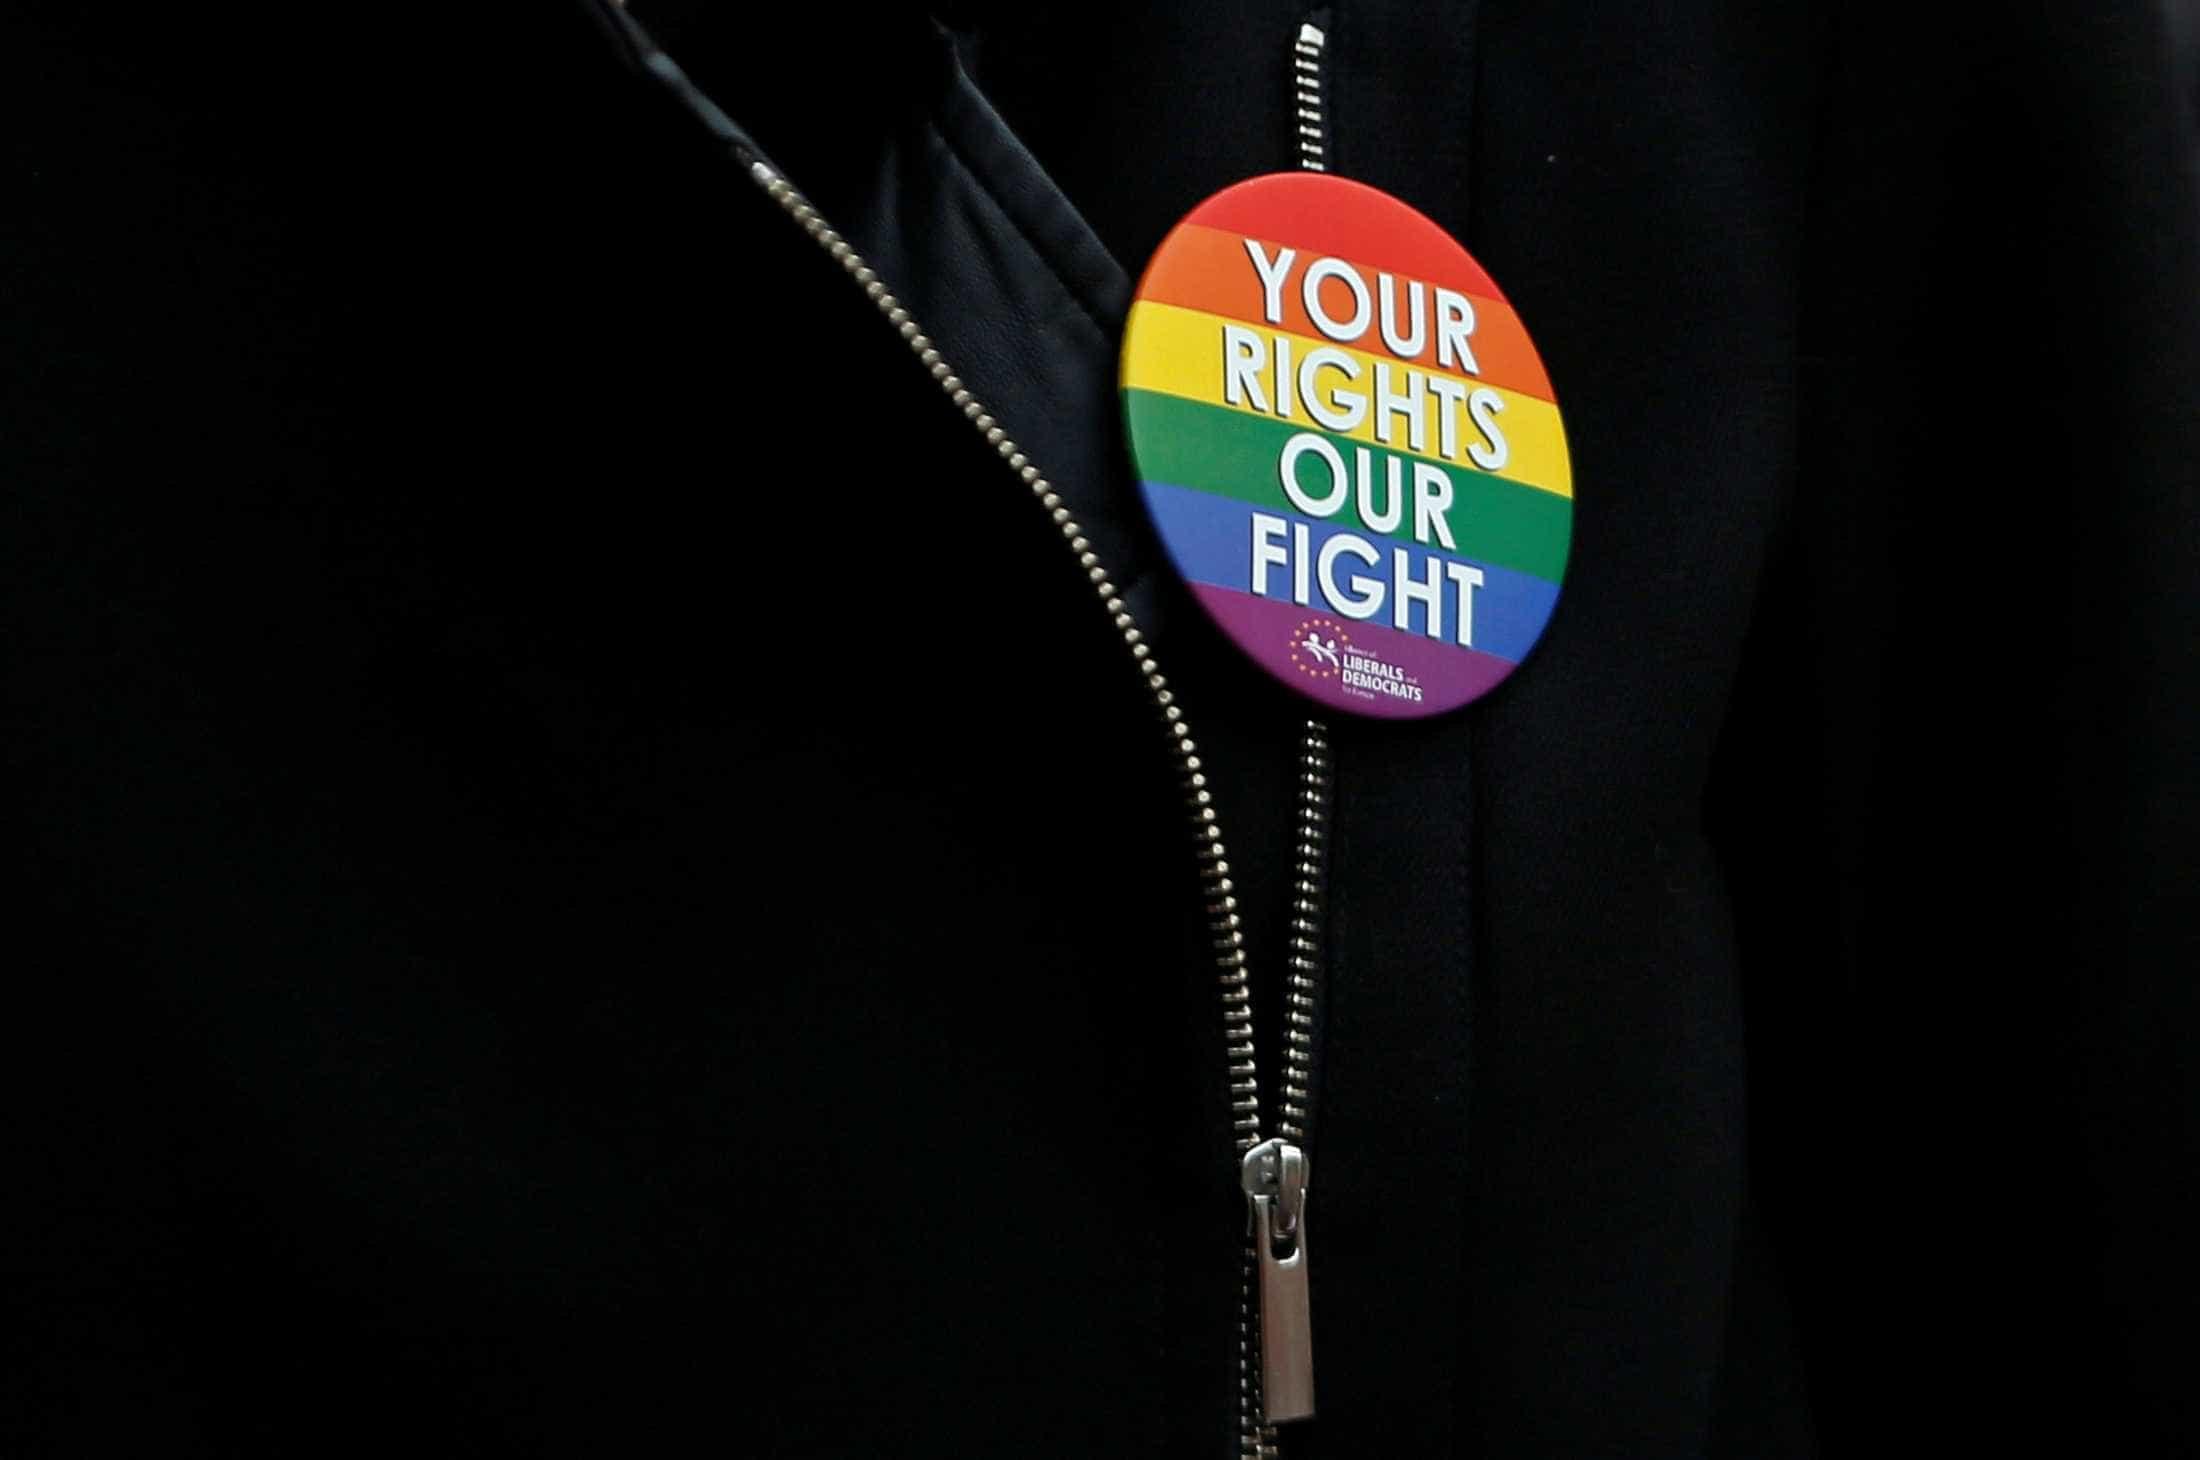 Foi rejeitado pela família no Natal por ser gay. Professor surpreendeu-o